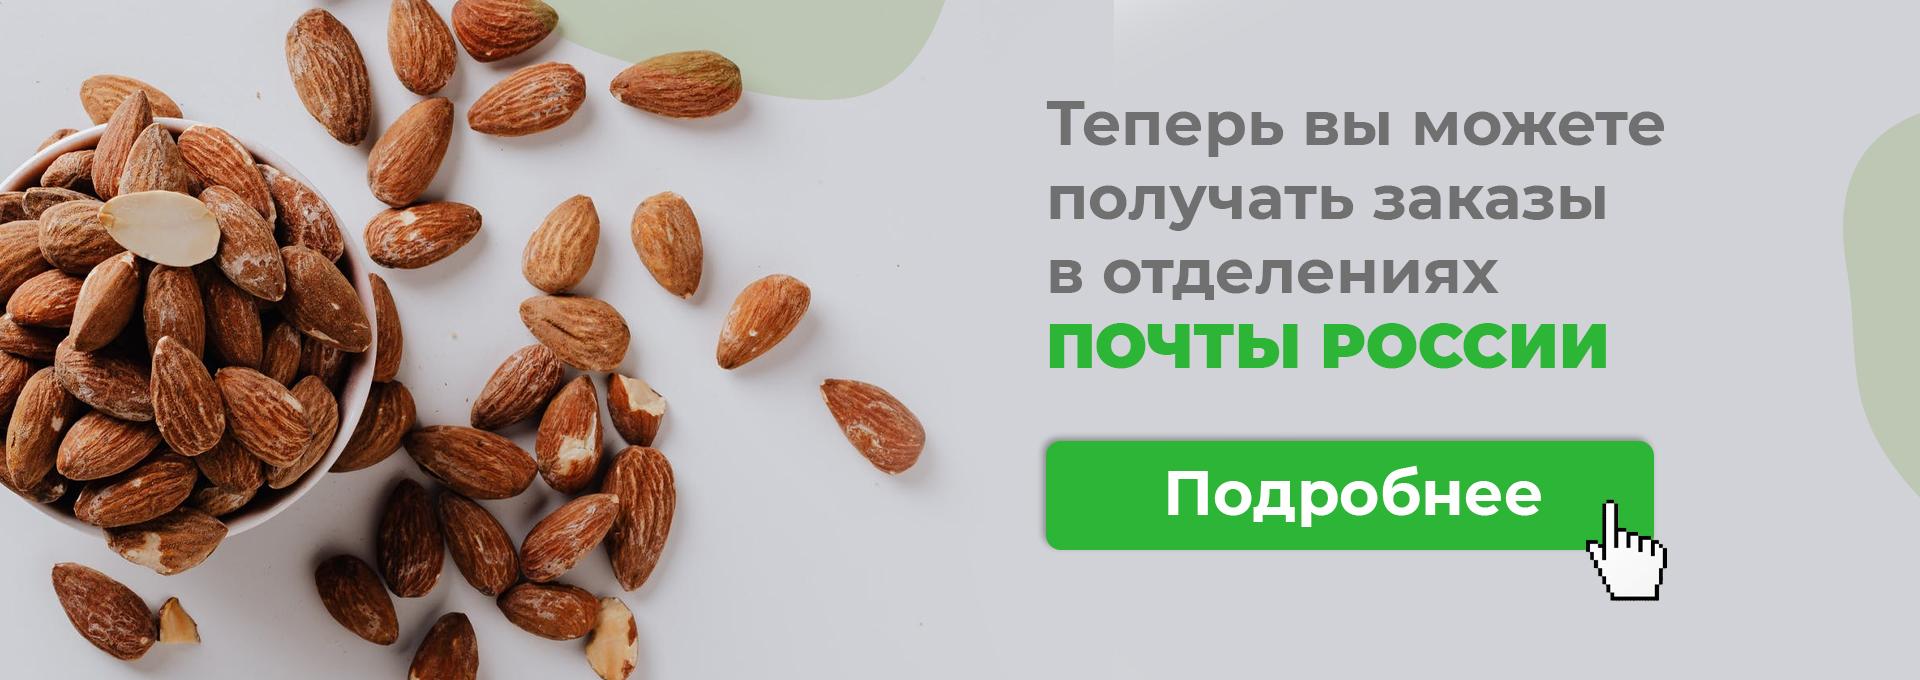 Теперь Via.Delivery работает и с Почтой России